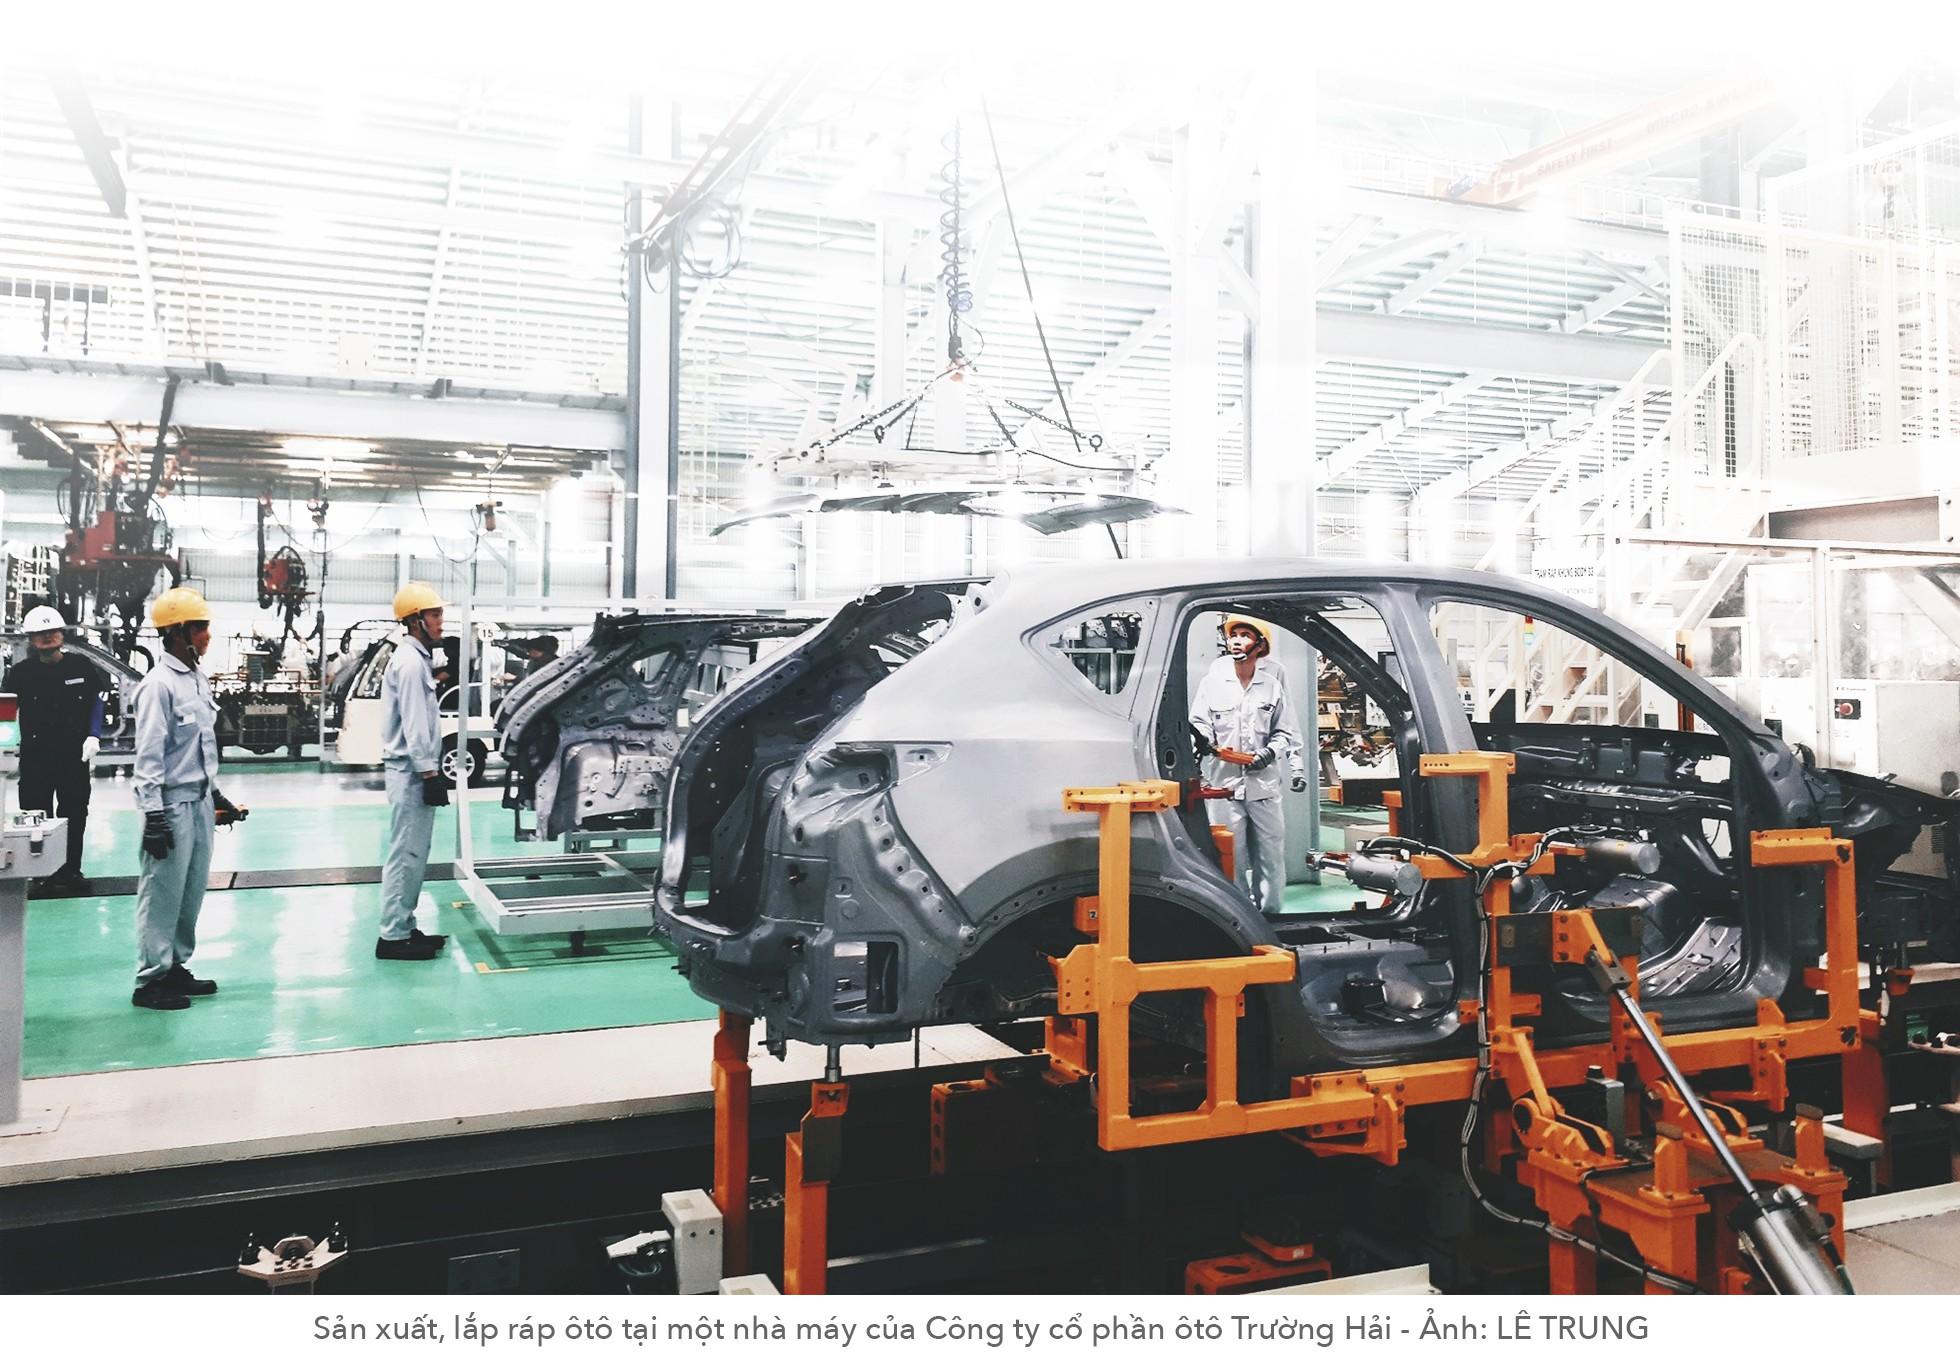 Công nghiệp hỗ trợ cho xe hơi: Trông người Thái mà ngẫm đến ta - Ảnh 4.